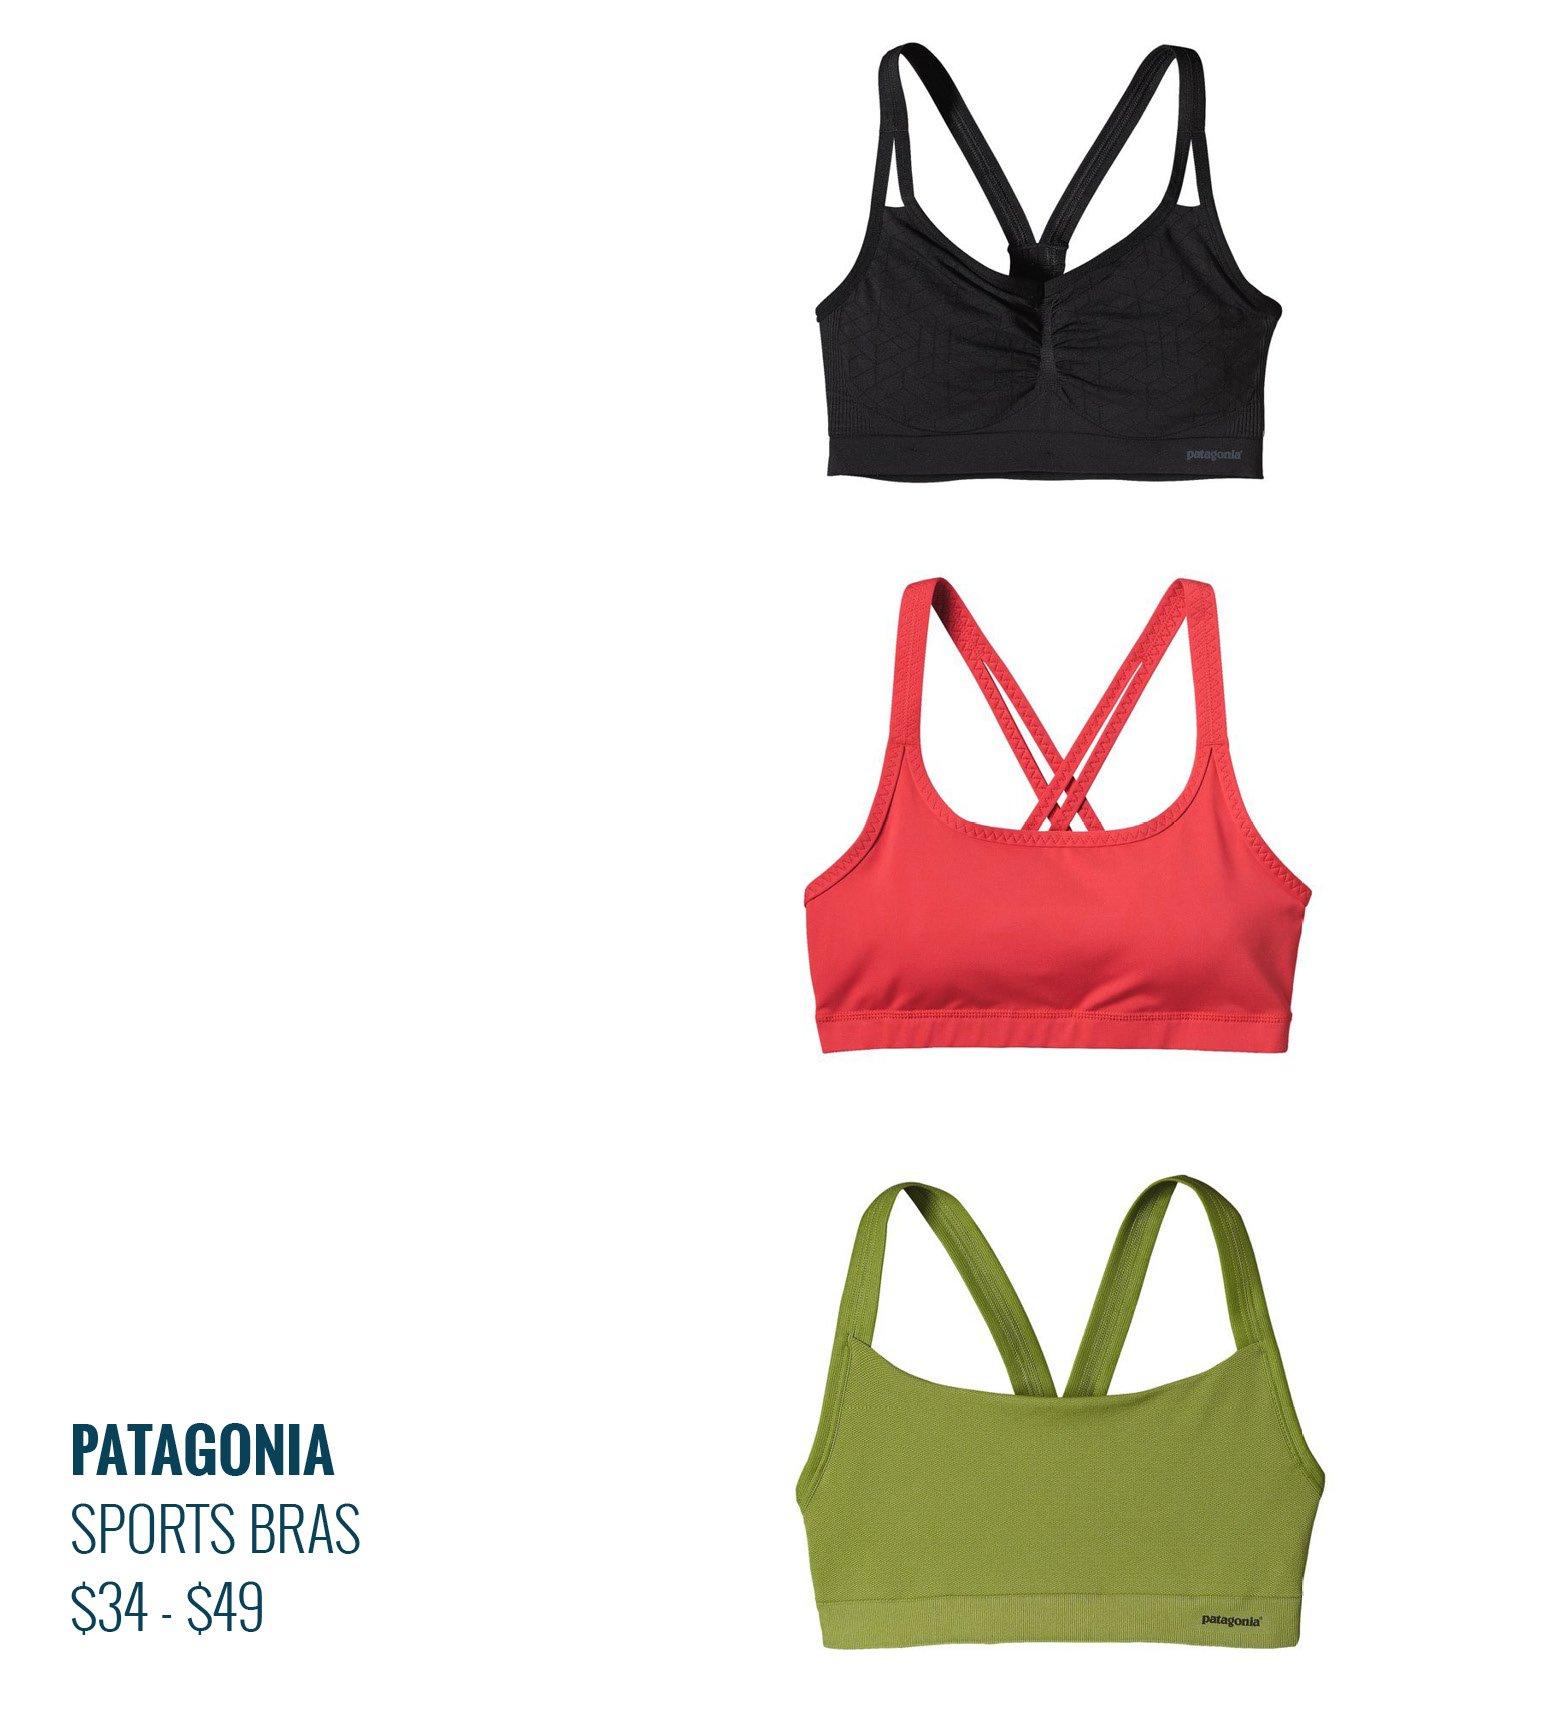 Patagonia Sports Bras